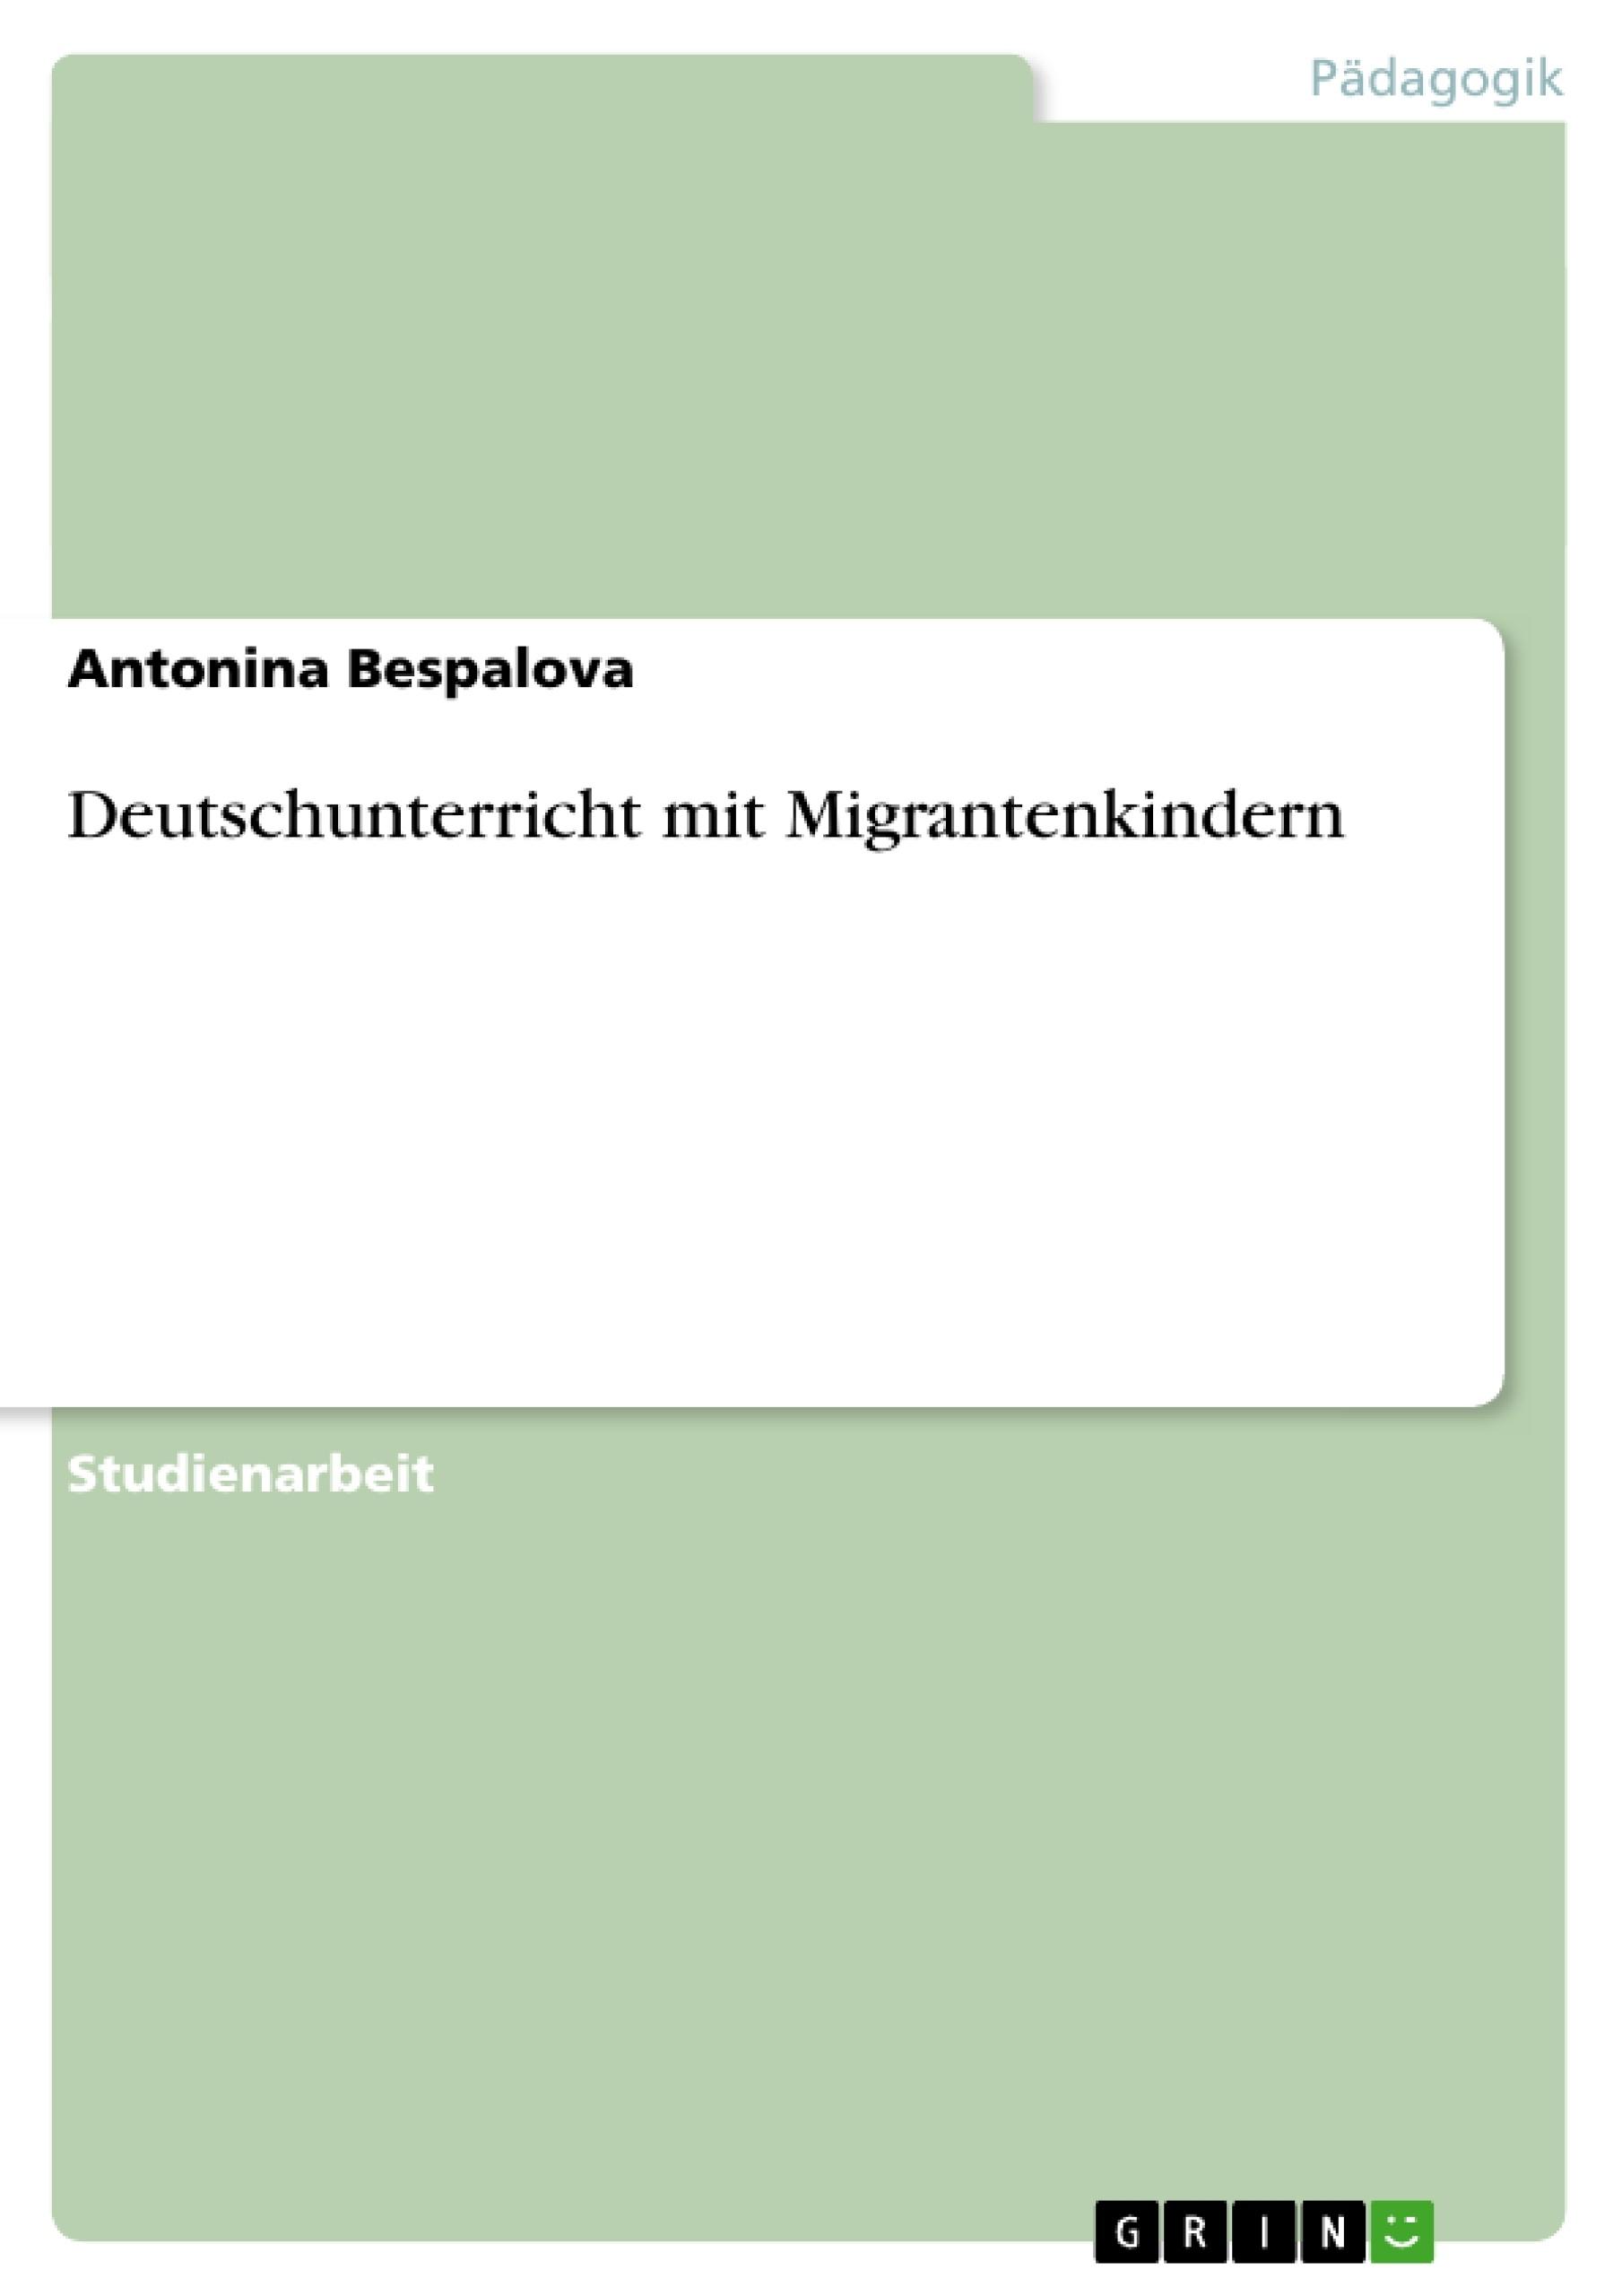 Titel: Deutschunterricht mit Migrantenkindern